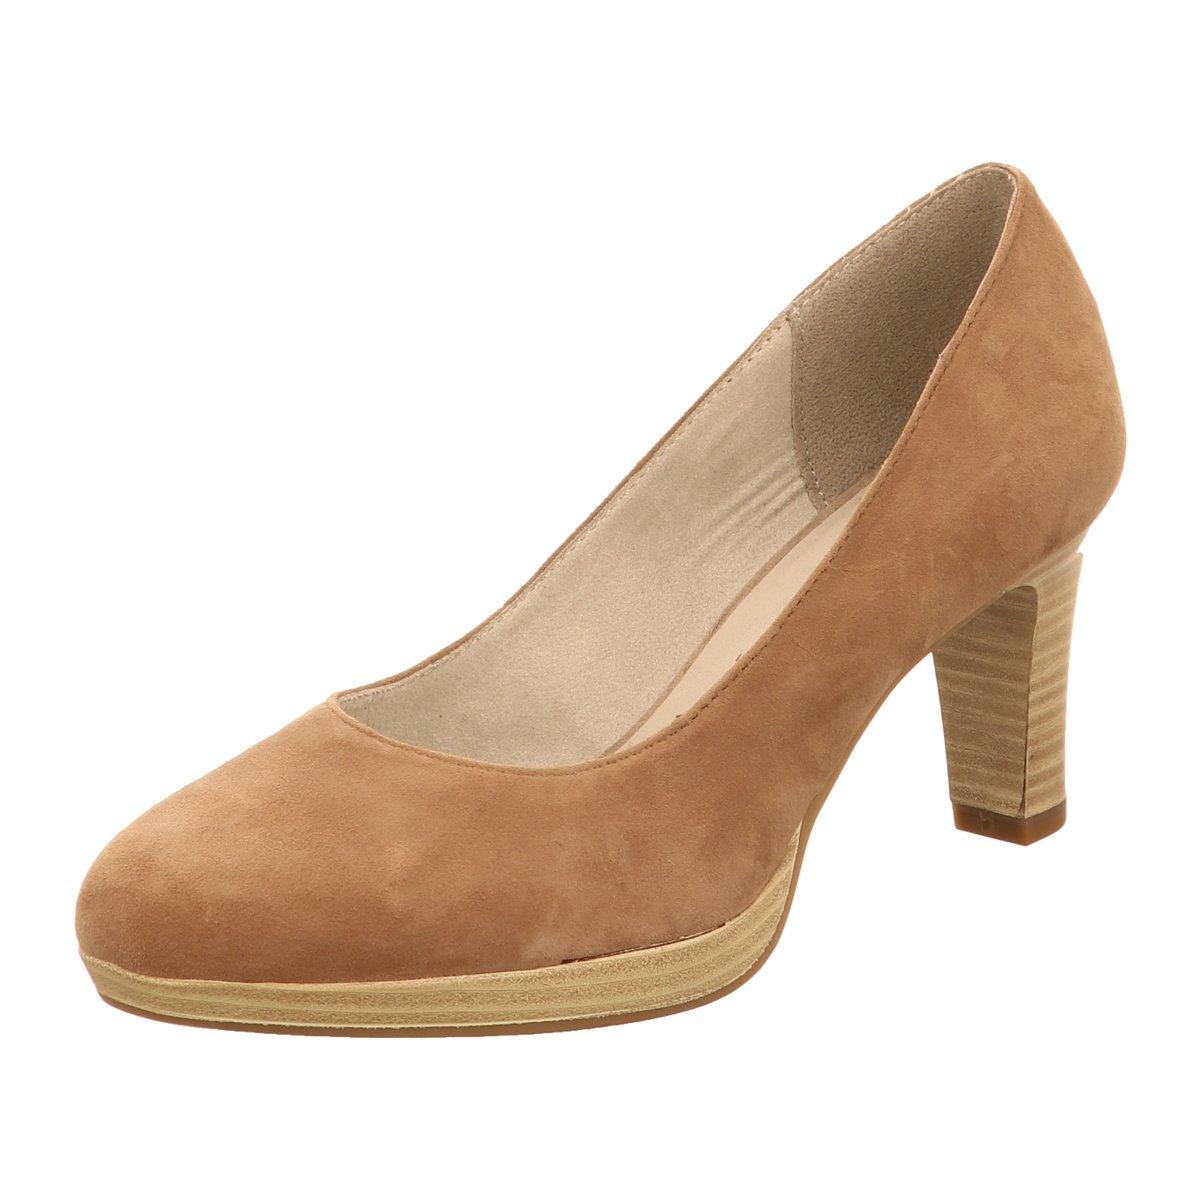 TAMARIS Neu Daherrenchuhe Schuhe Schnürschuhe Halbschuhe